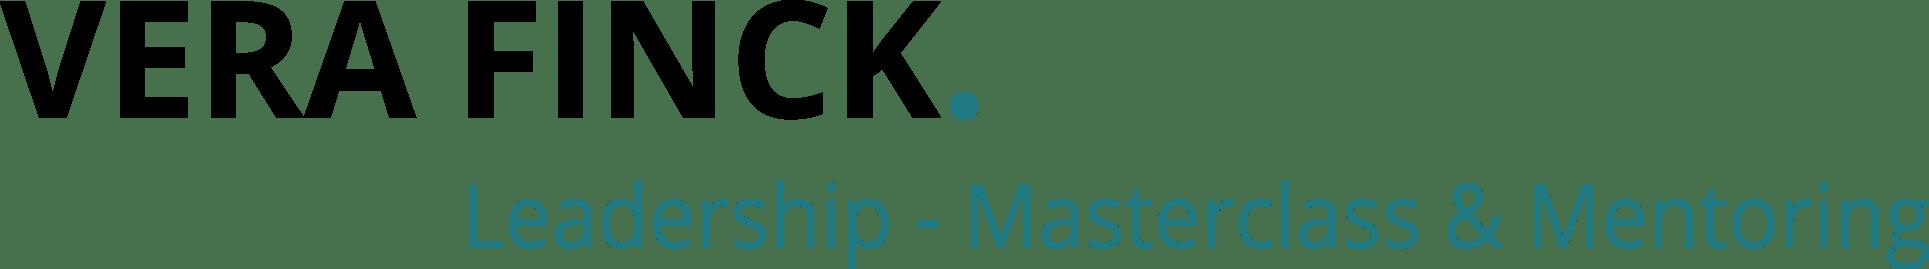 Vera Finck | Partner nuboworkers